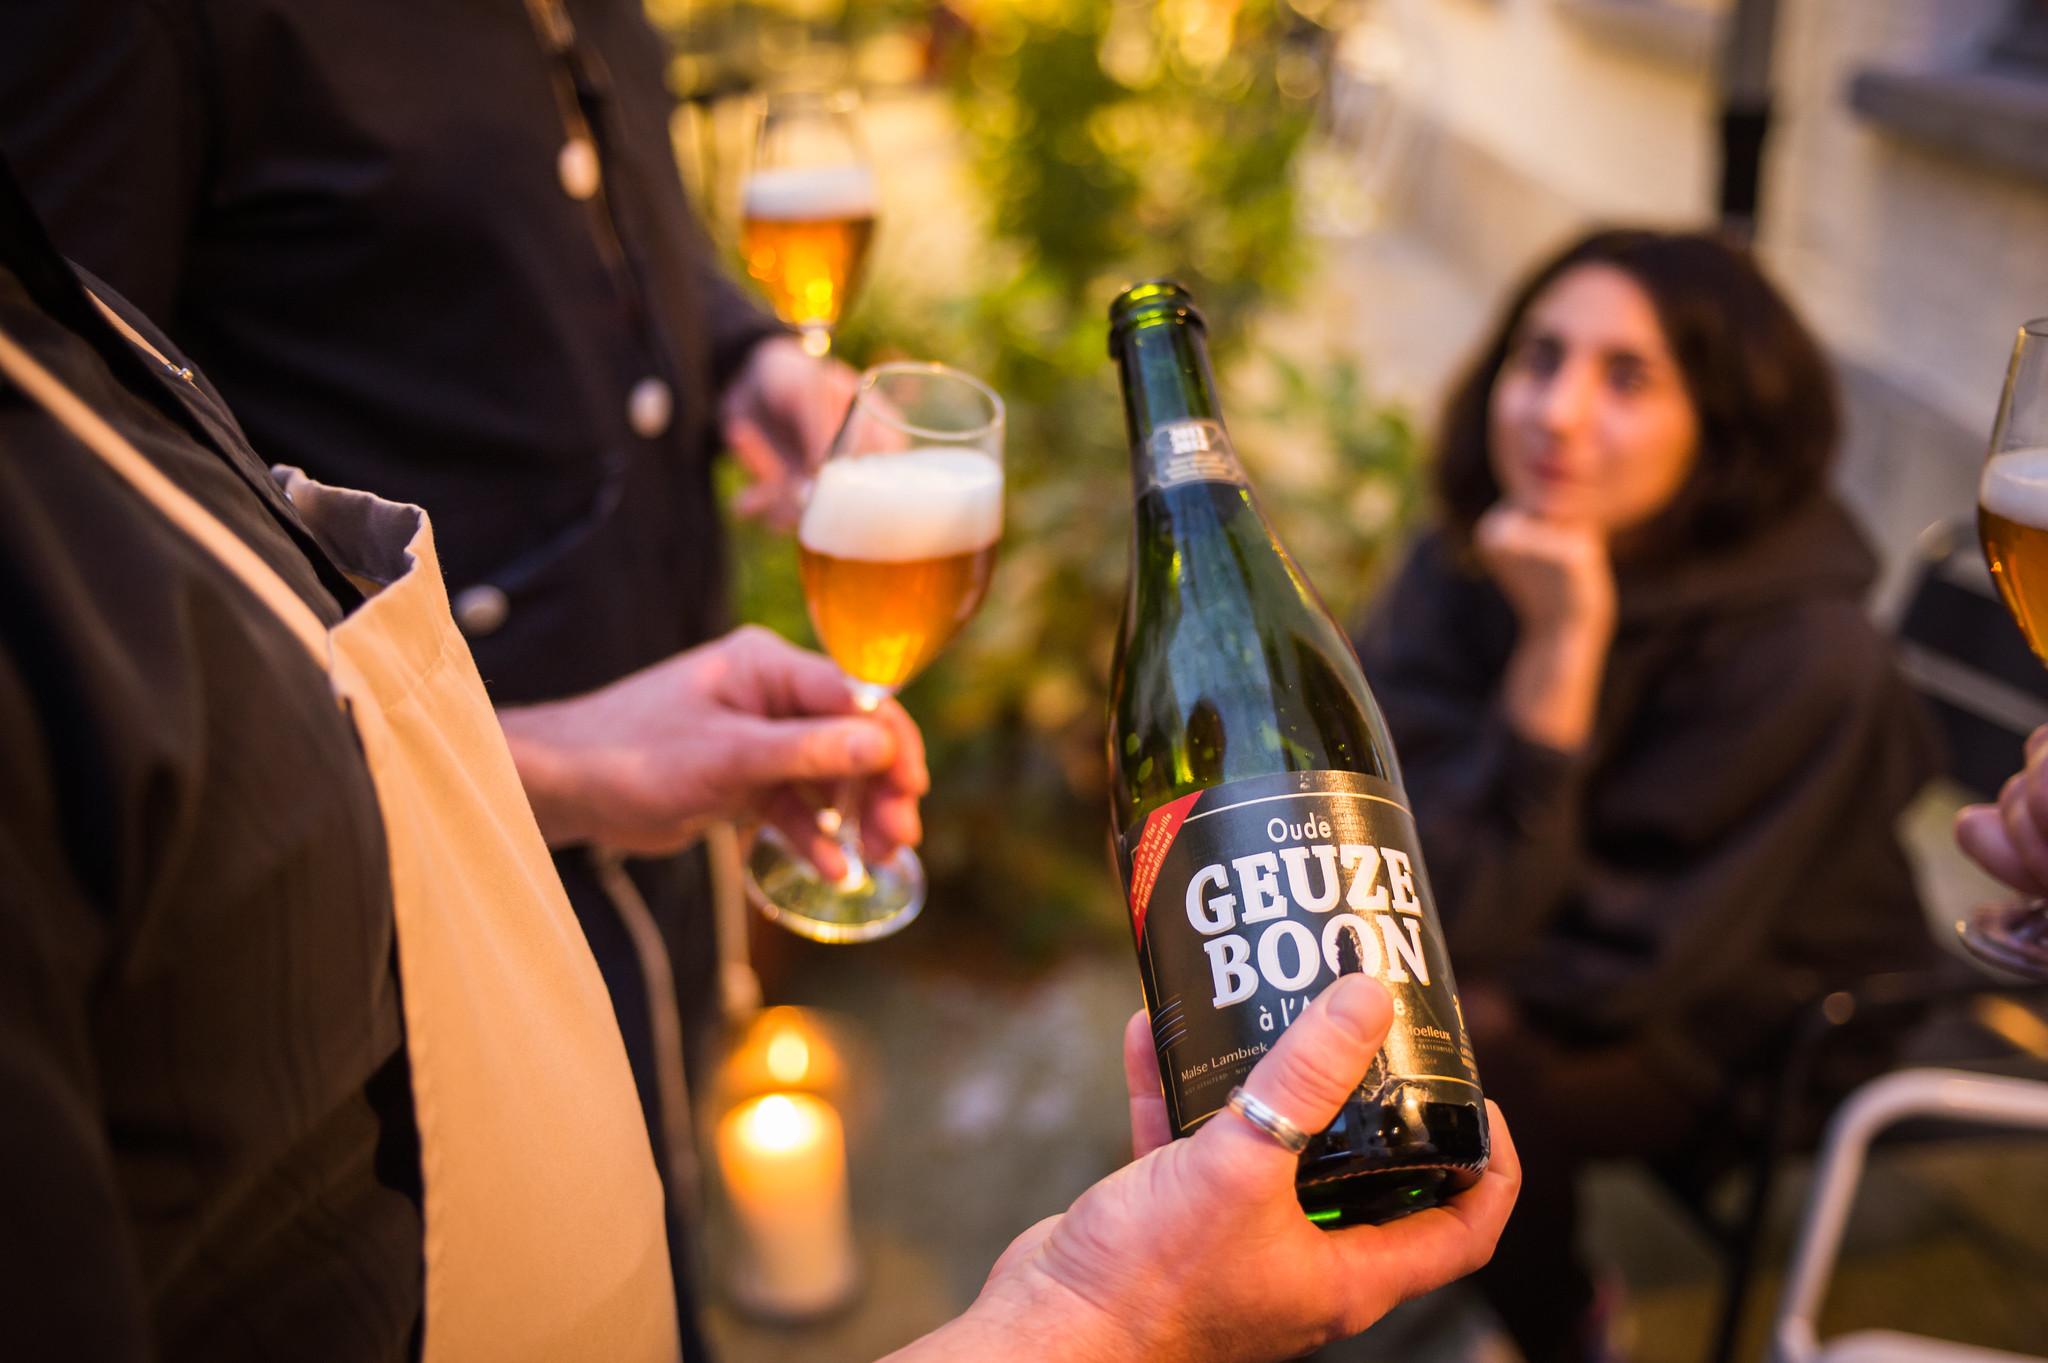 Bière Gouze Boon